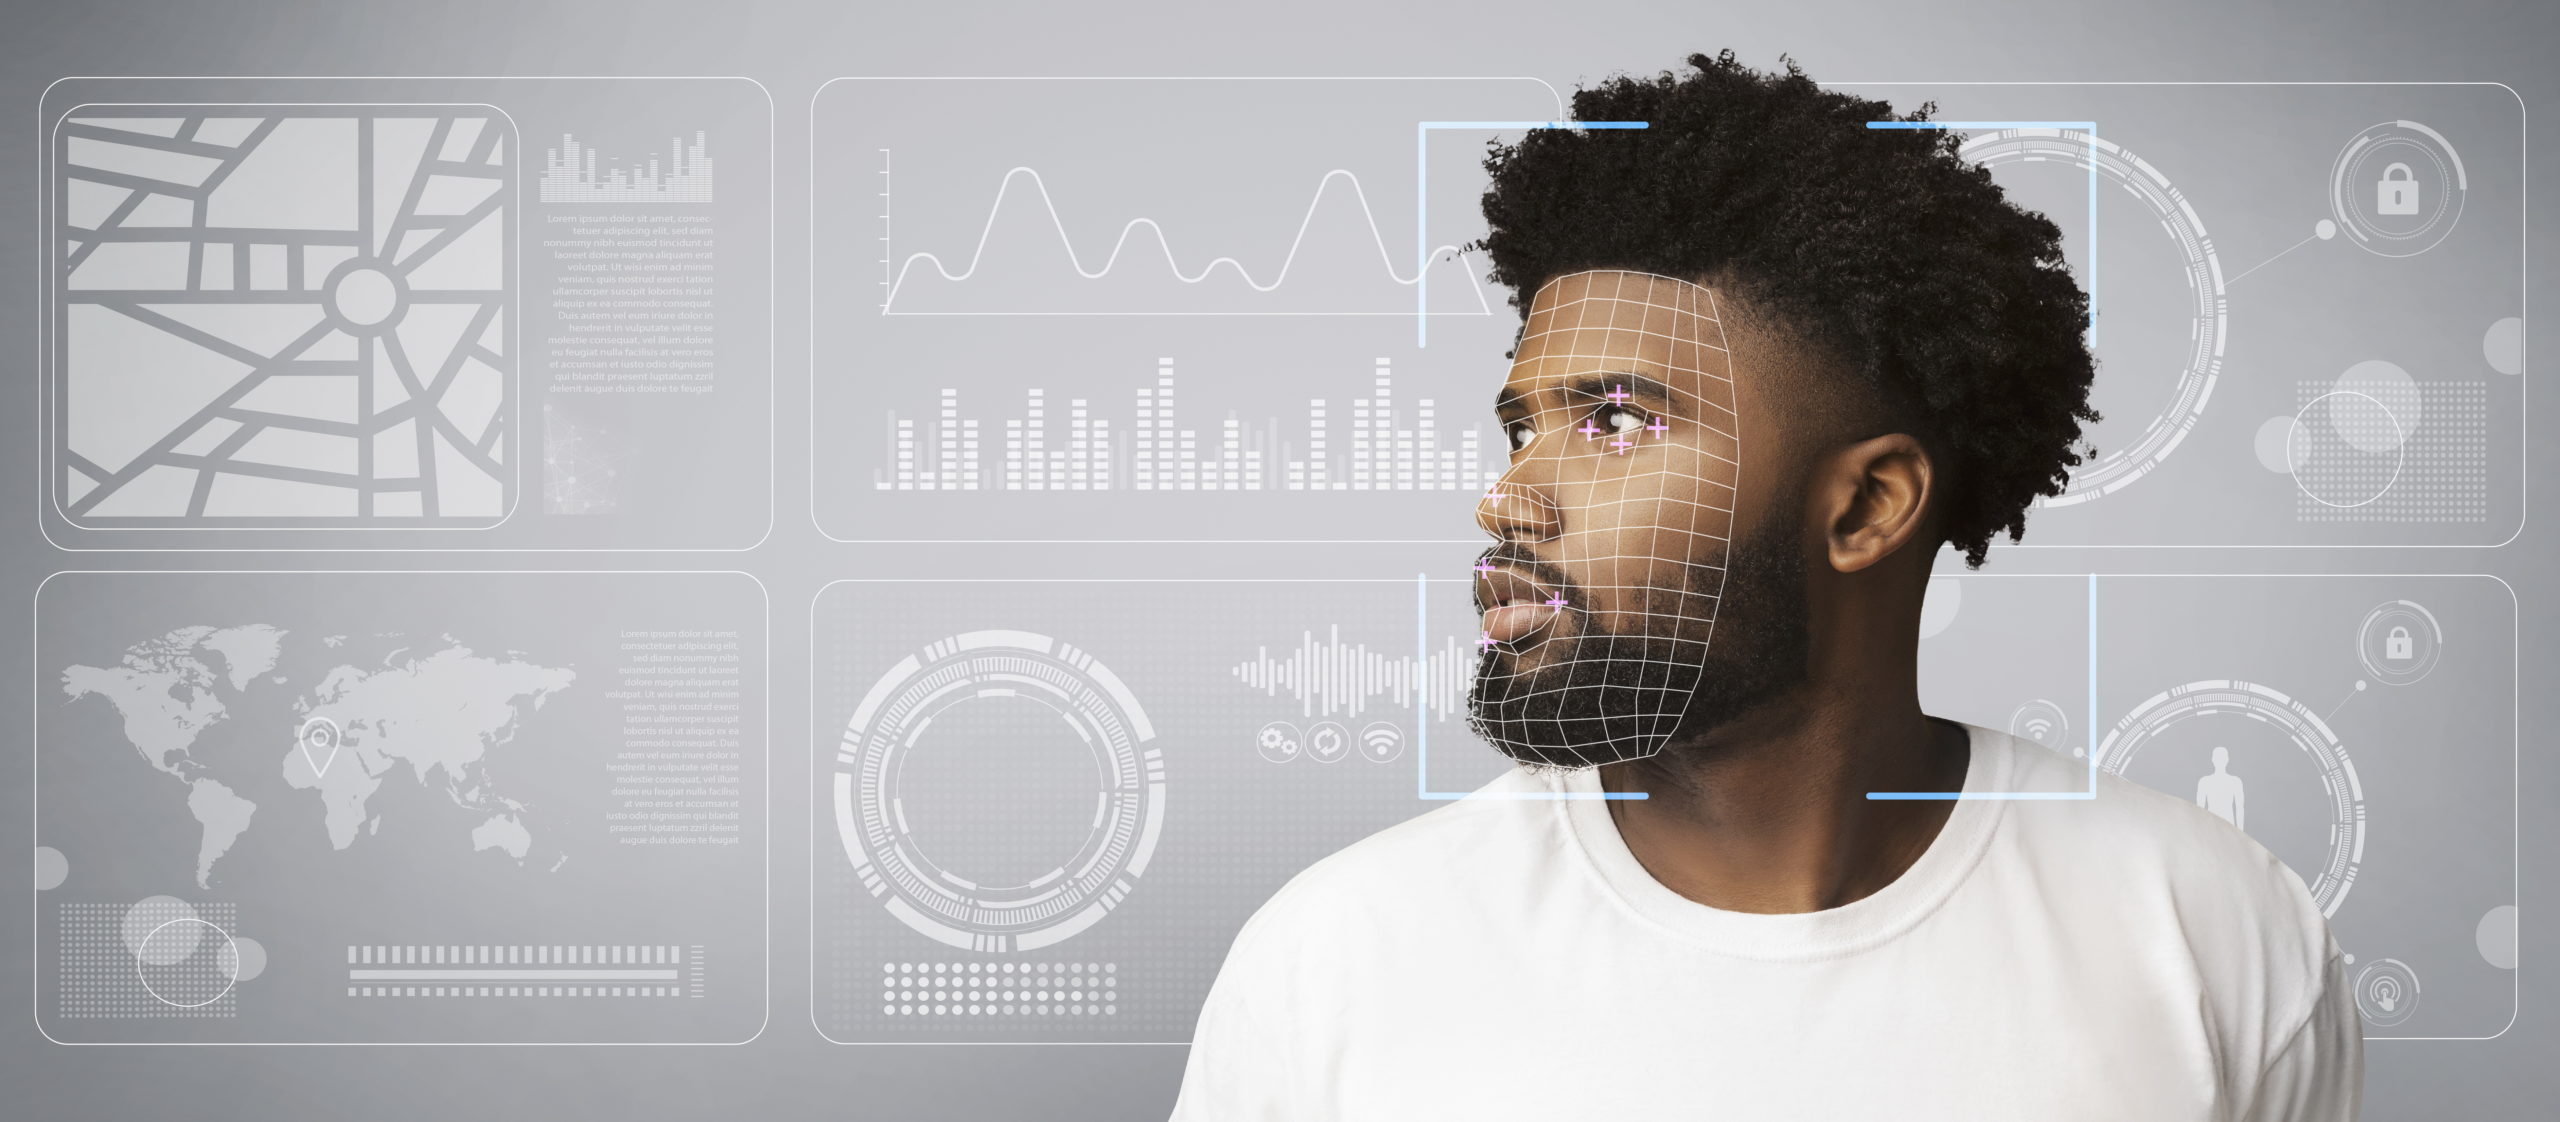 Man looking at data screen